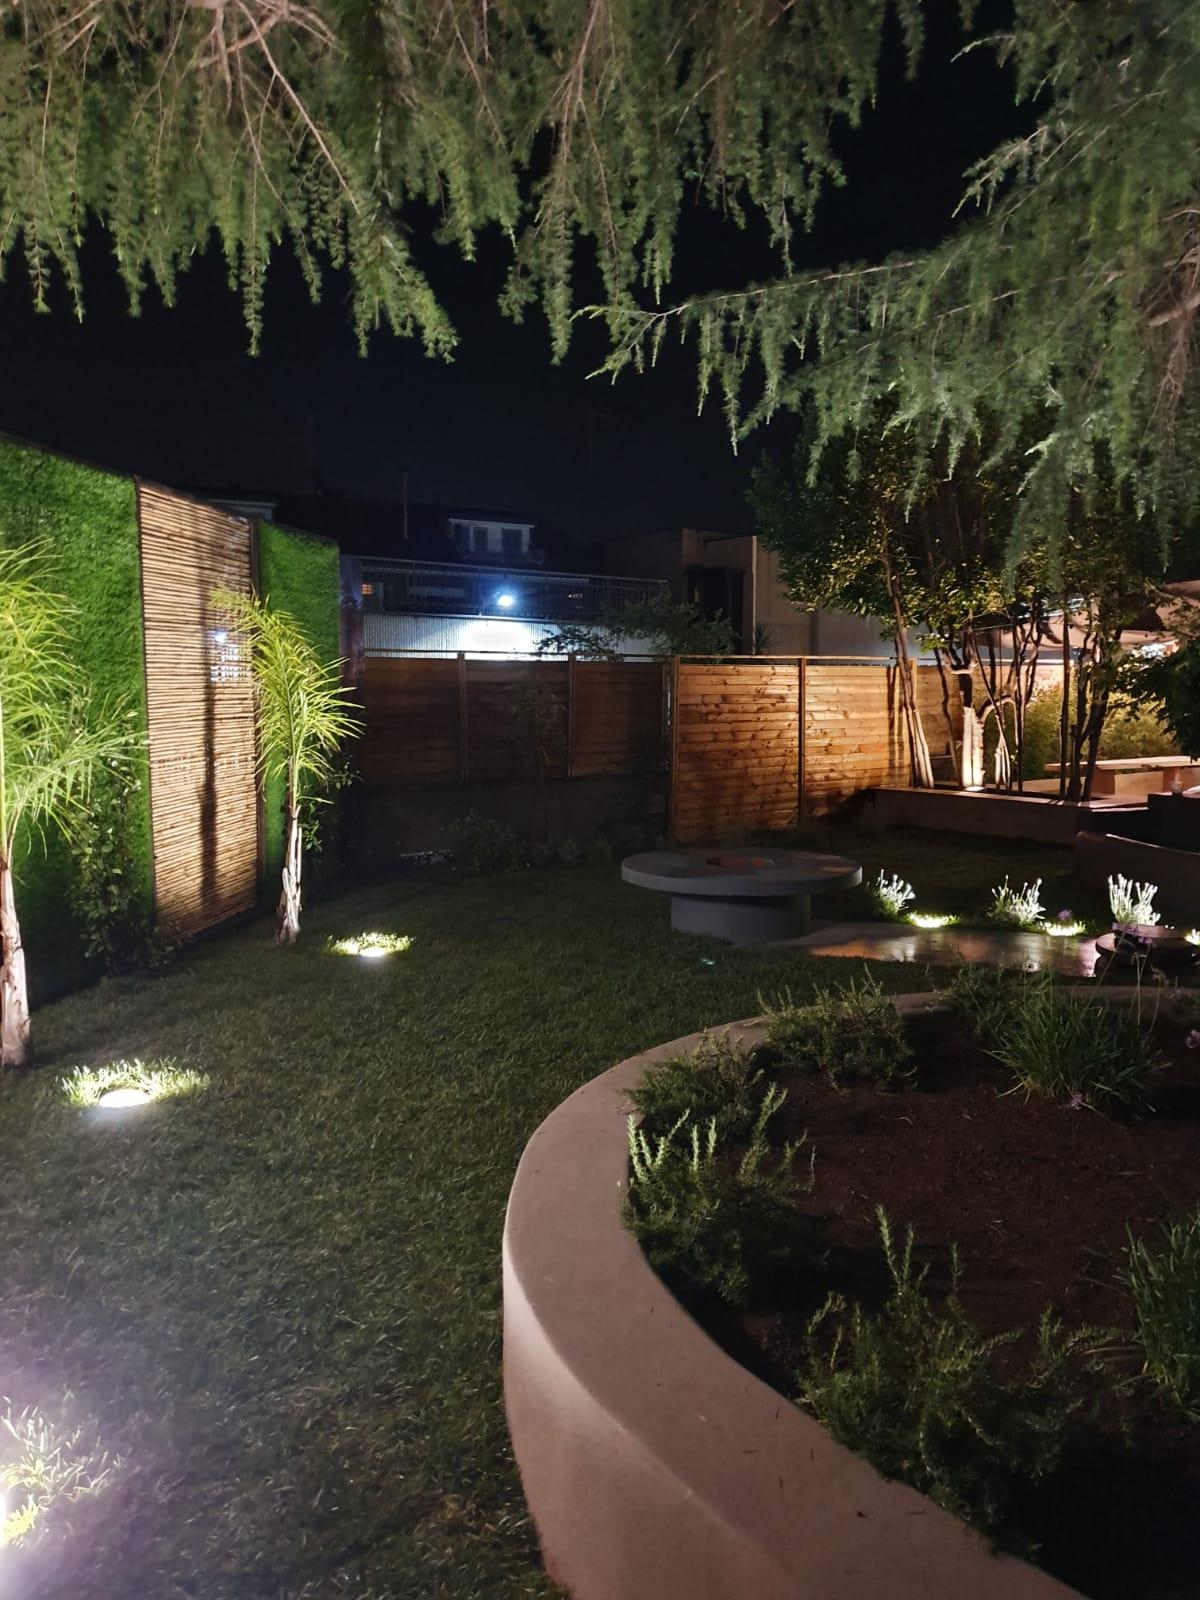 Scorcio del giardino di un AMICO